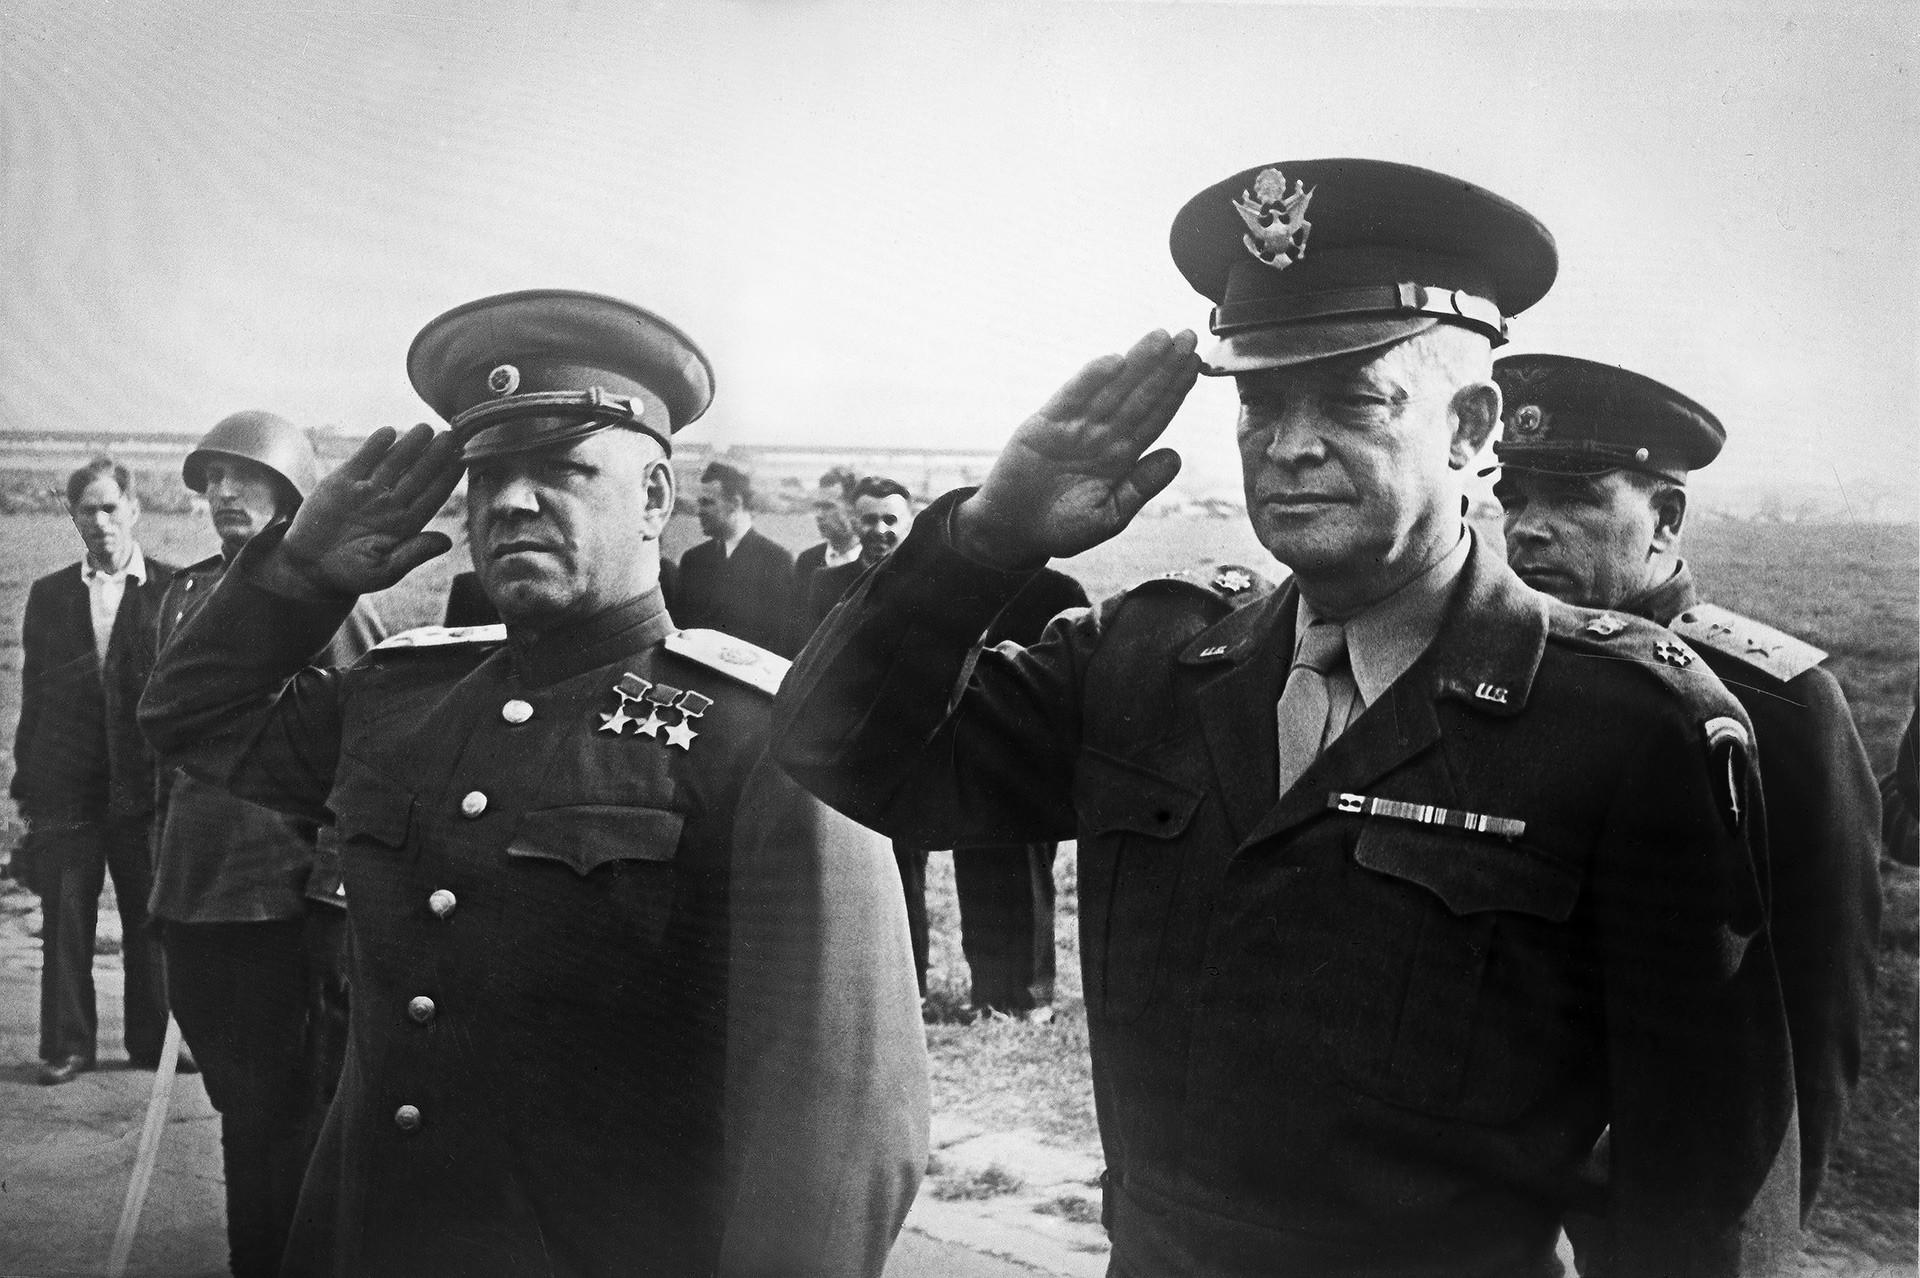 ゲオルギー・コンスタンチーノヴィチ・ジューコフ元帥(左)とドワイト・アイゼンハワー将軍。モスクワ、の歓迎会でソ連と米国の国歌が演奏されている。